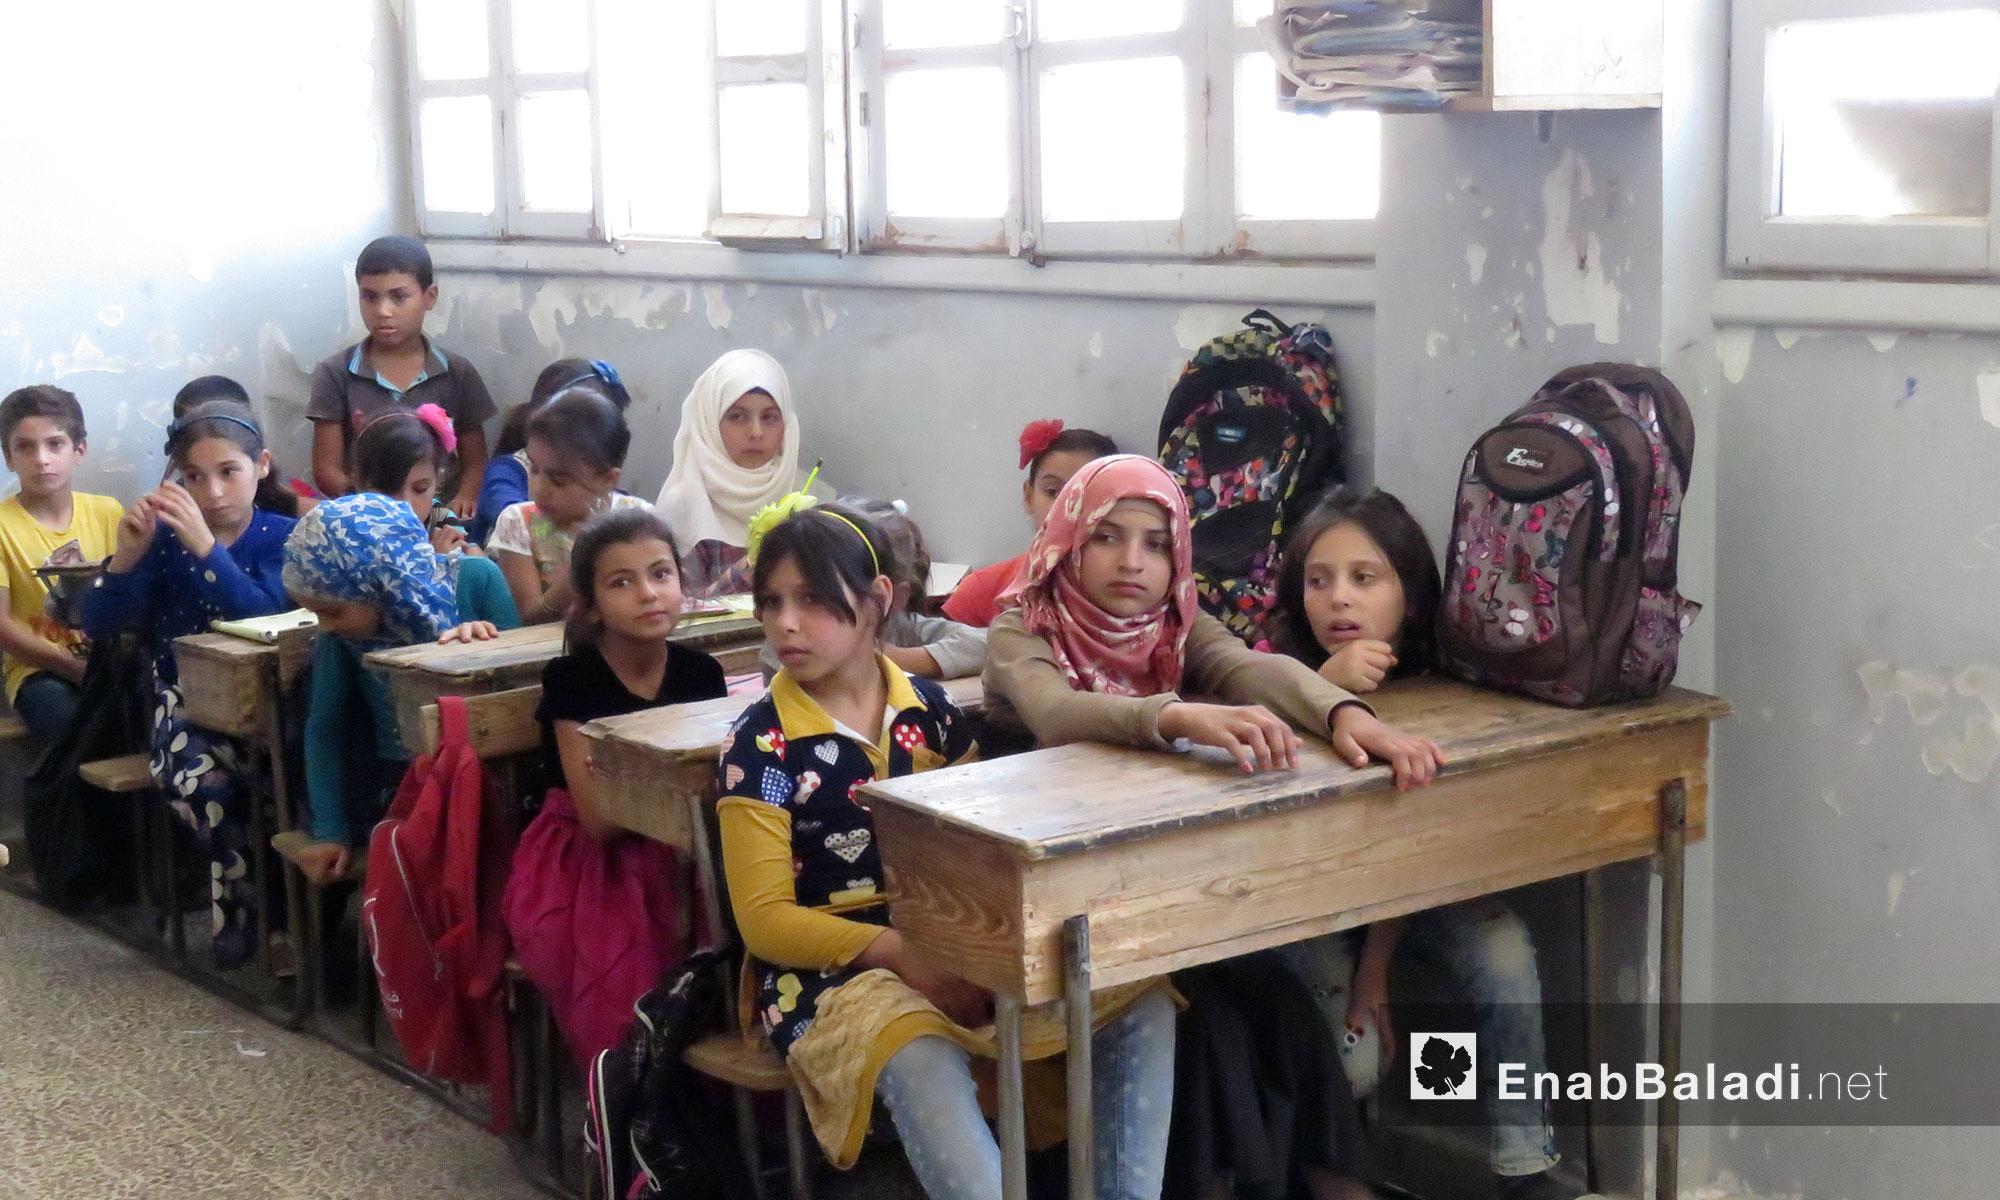 عودة الطلاب لمدارسهم بعد الهدوء النسبي بالمناطق المحررة في حماة - 3 تشرين الأول 2017 (عنب بلدي)